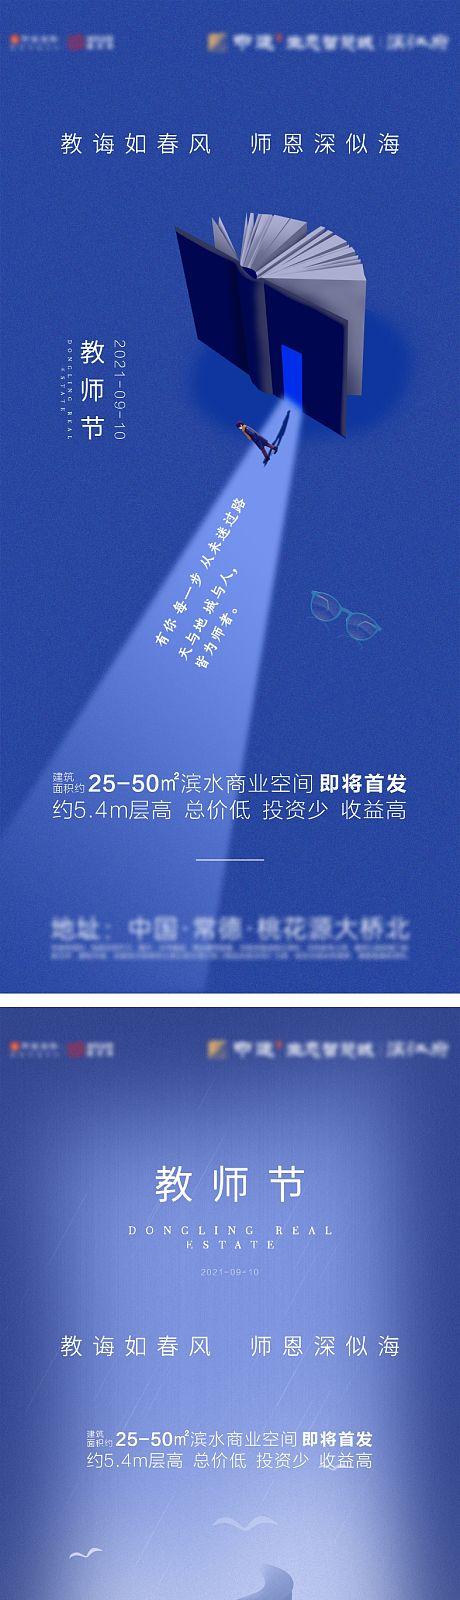 地产教师节系列海报-源文件